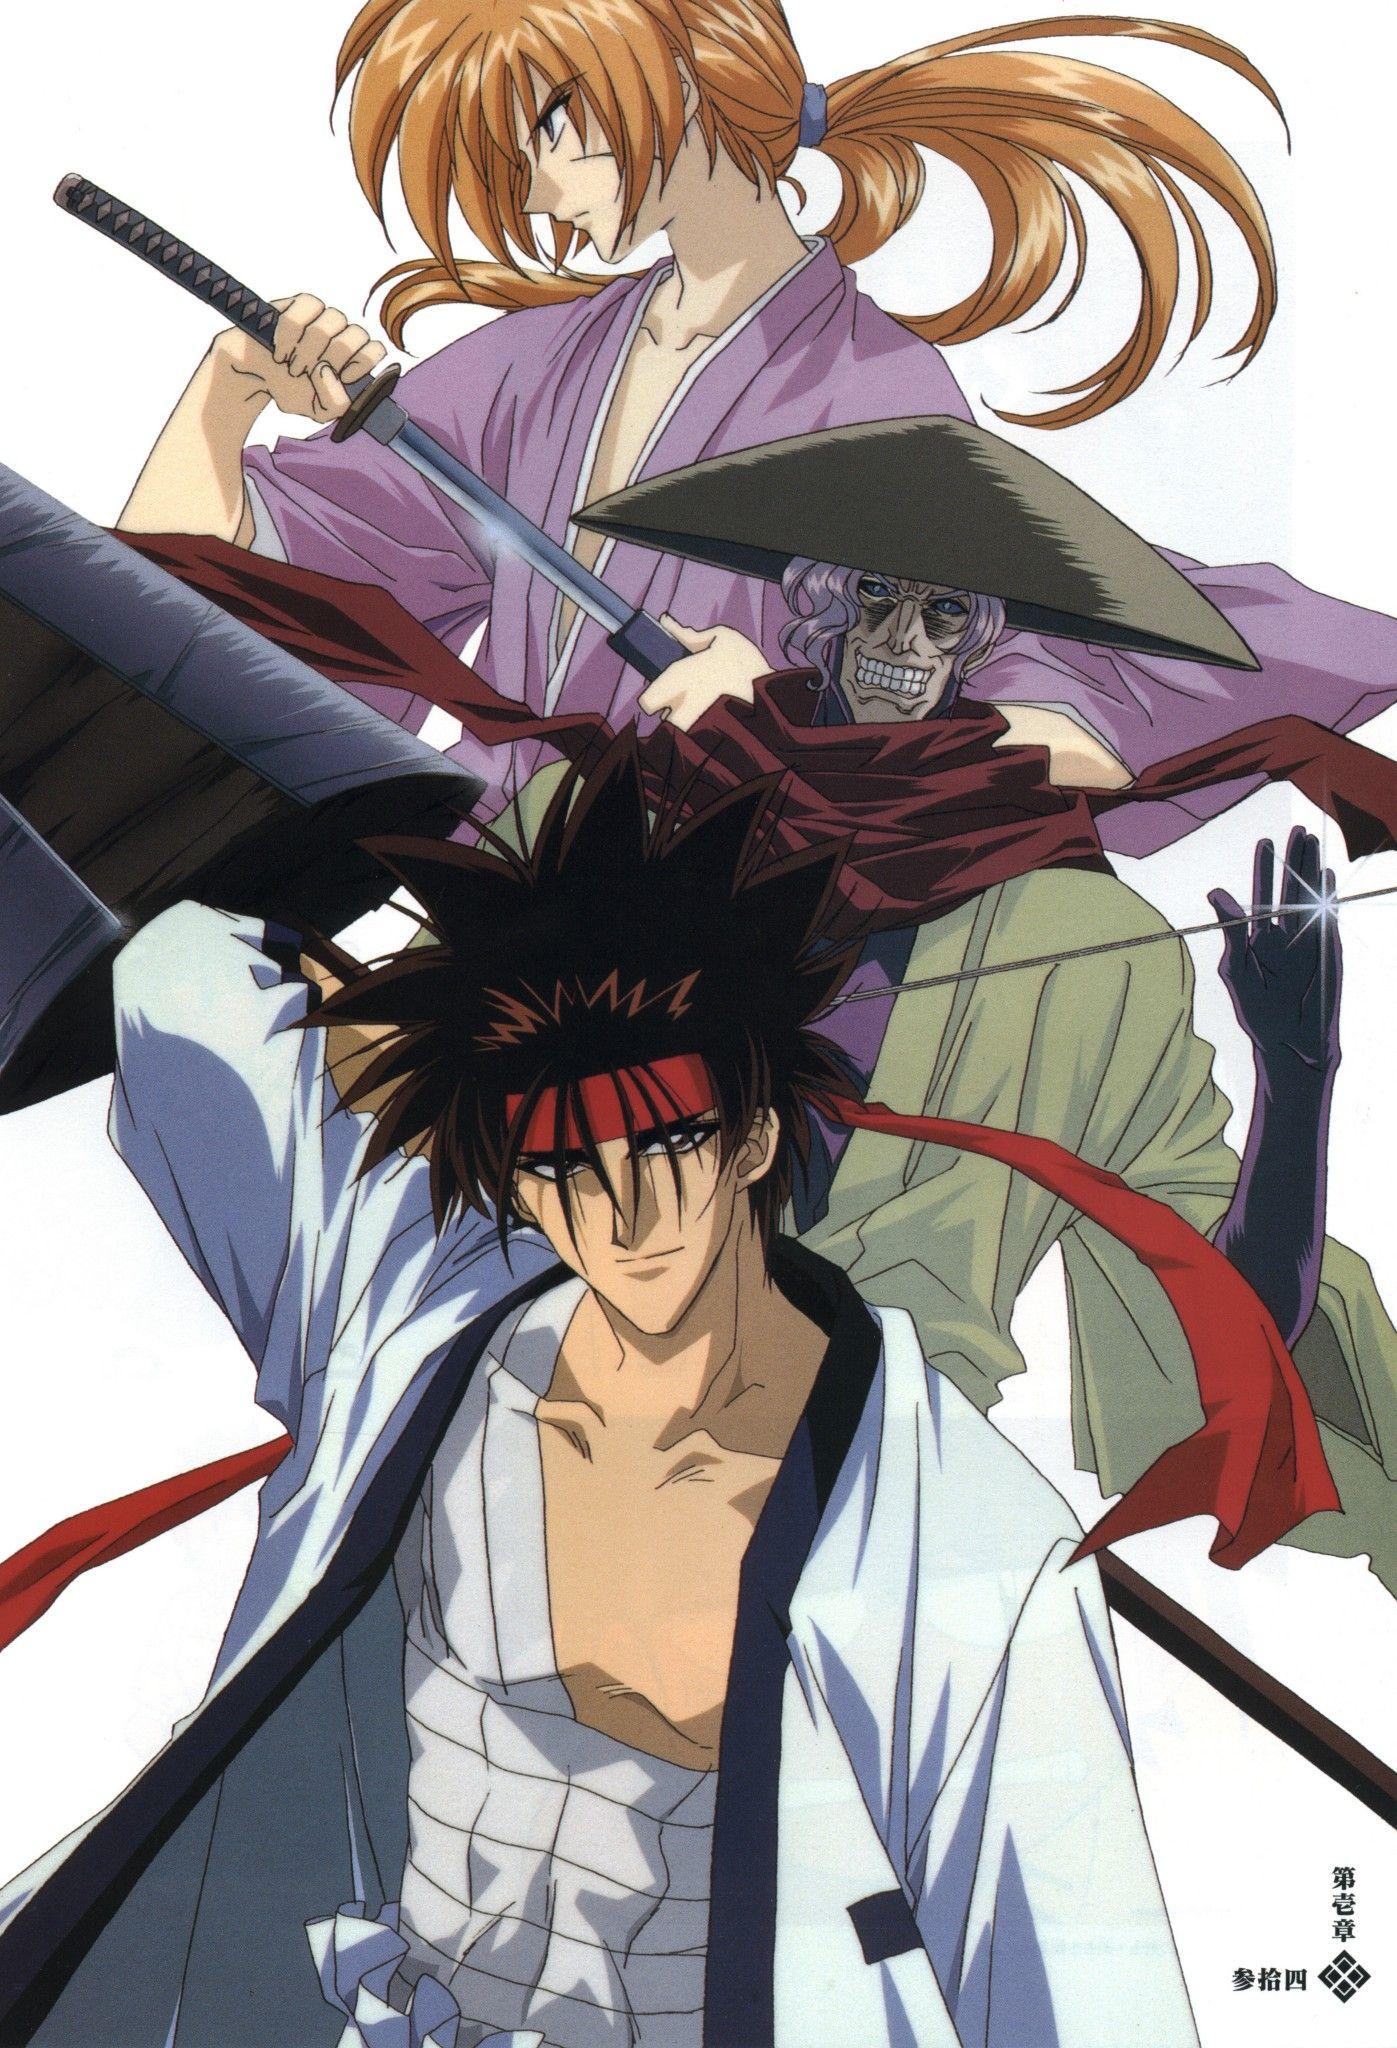 Pin de Masud Tazrian em Anime Anime, Artistas, Samurai